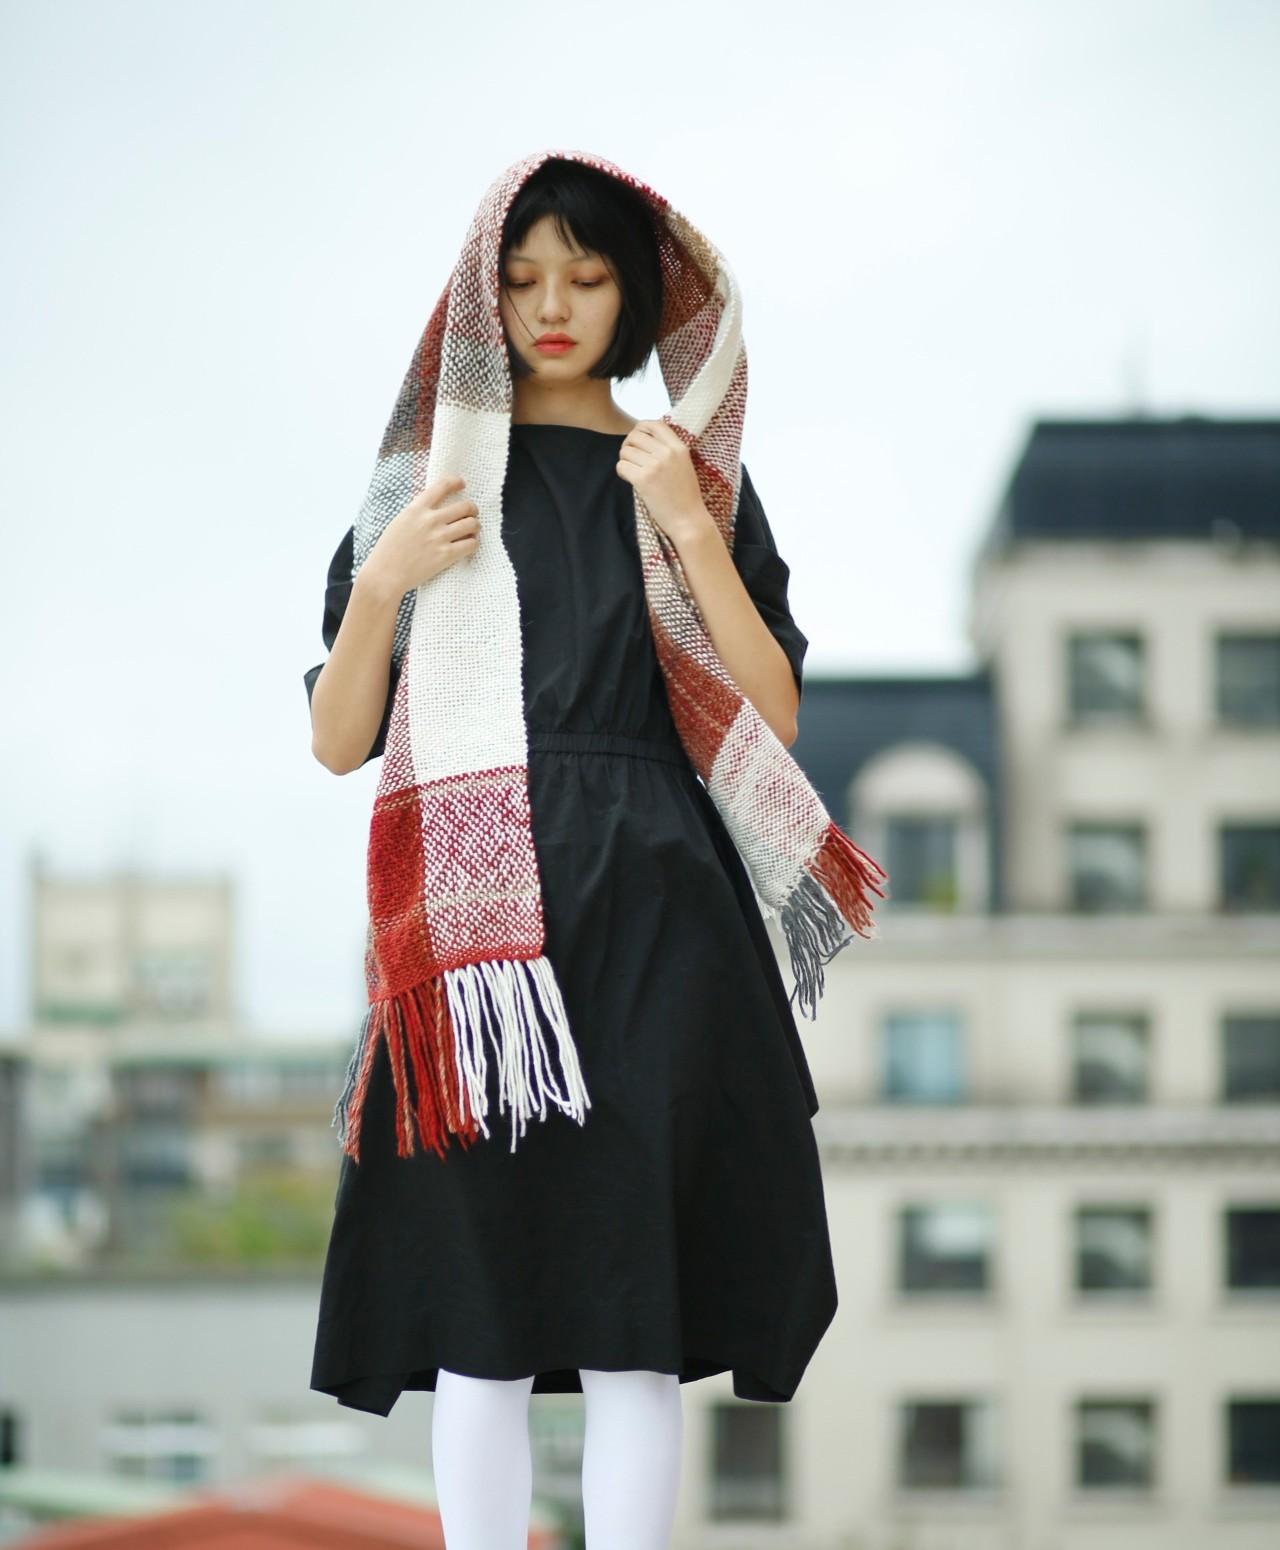 「格」中佳礼之郭雅麻子的温柔织物